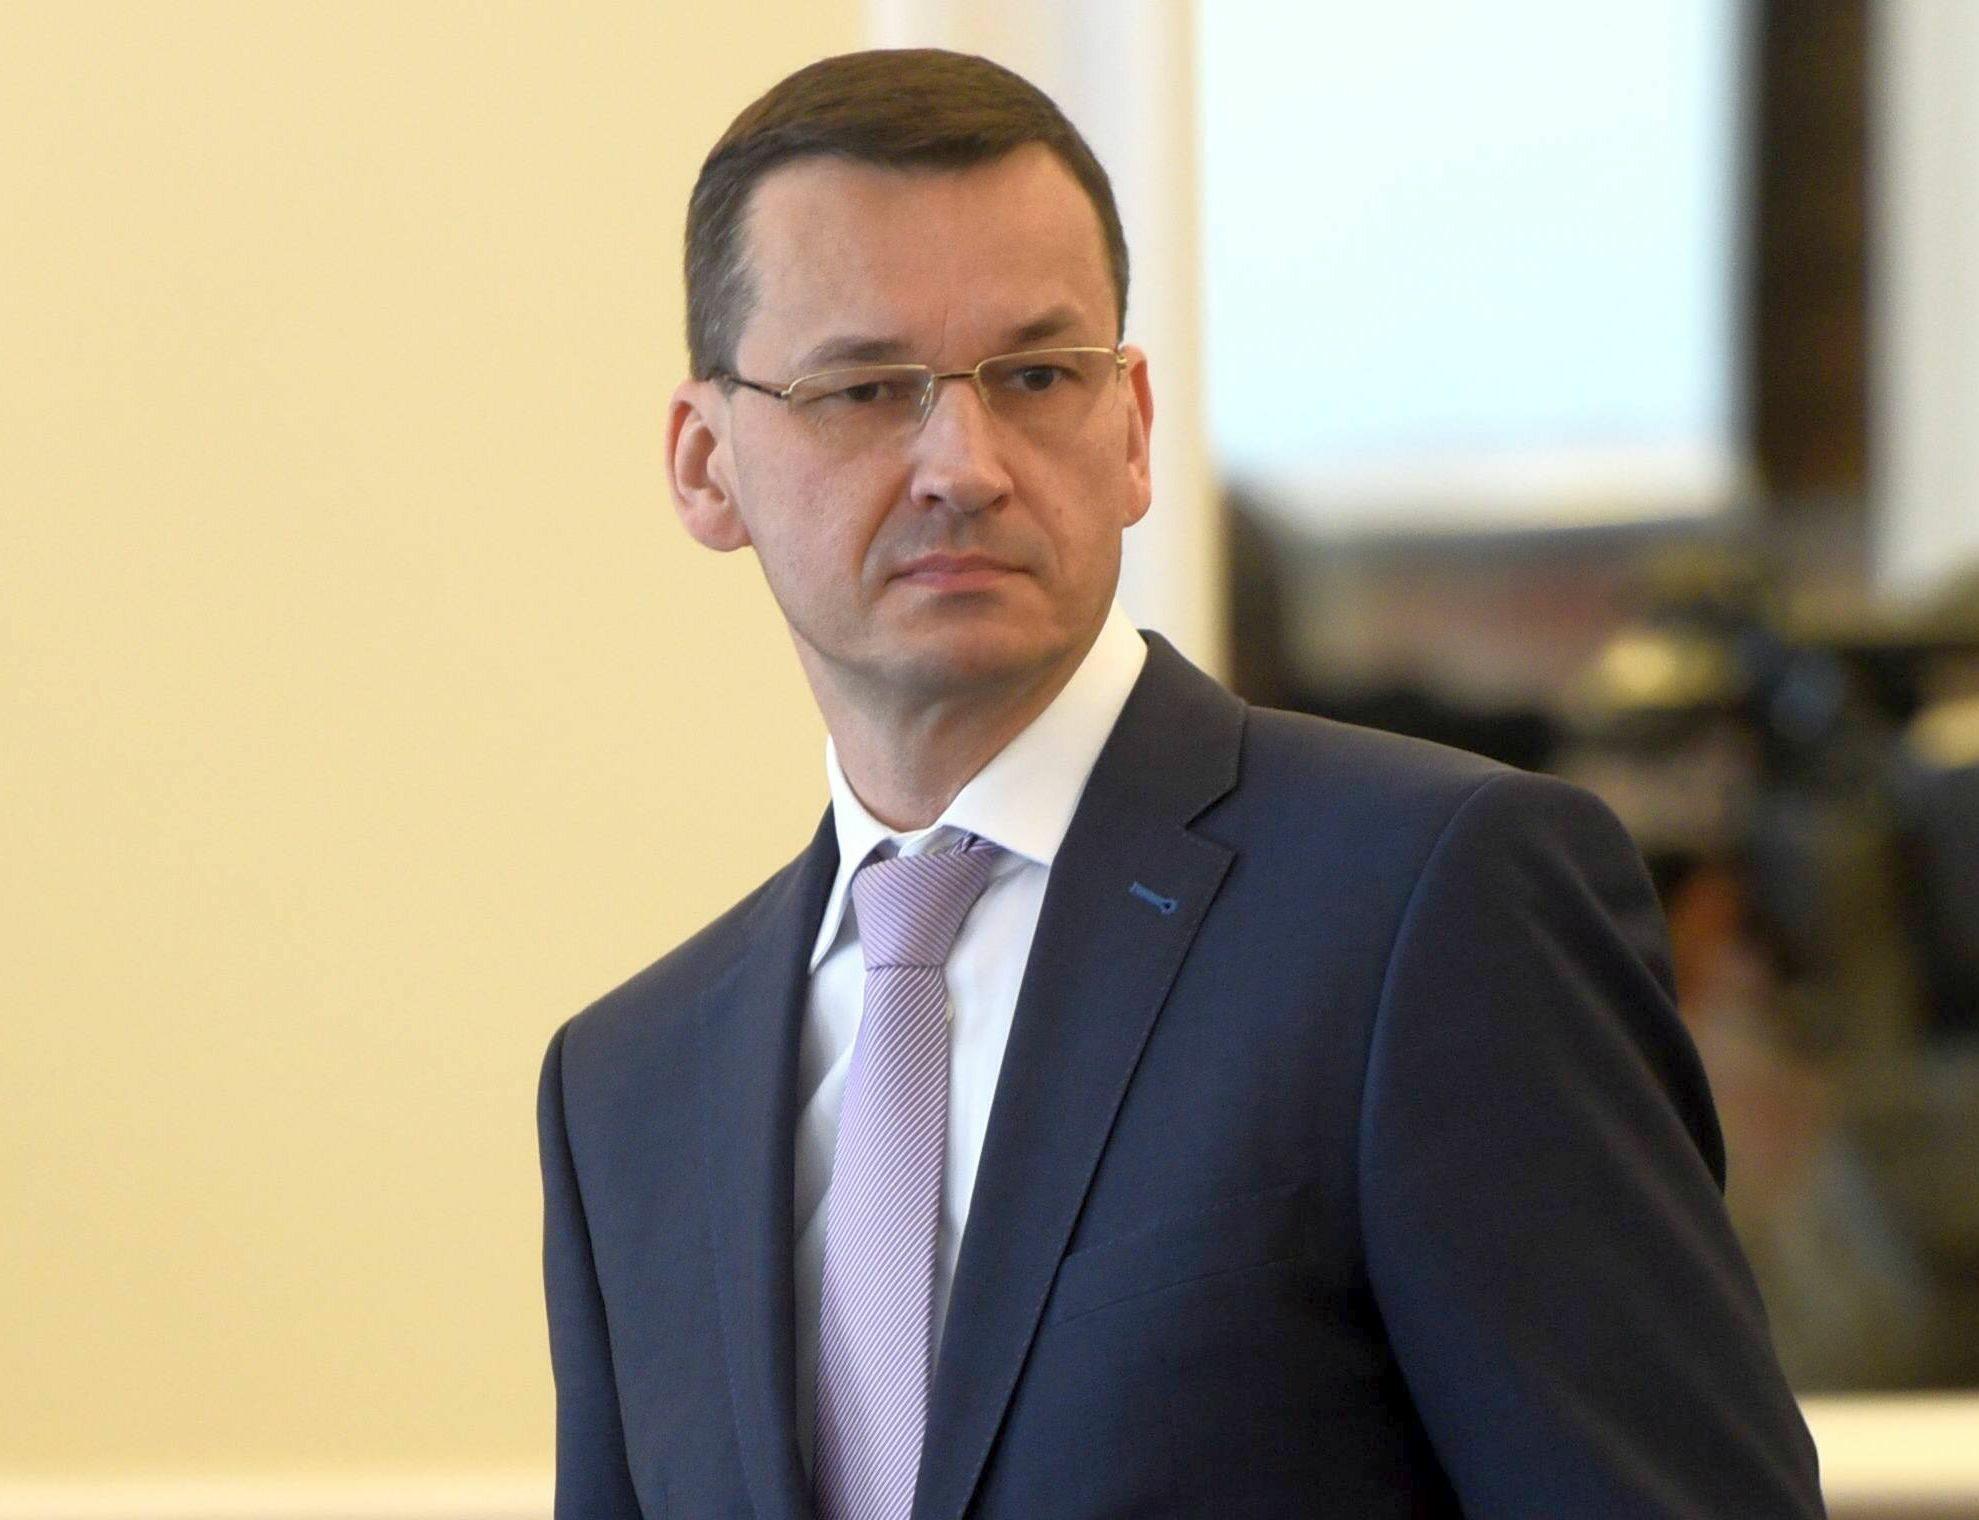 Mateusz Morawiecki, wicepremier, minister rozwoju oraz finansów